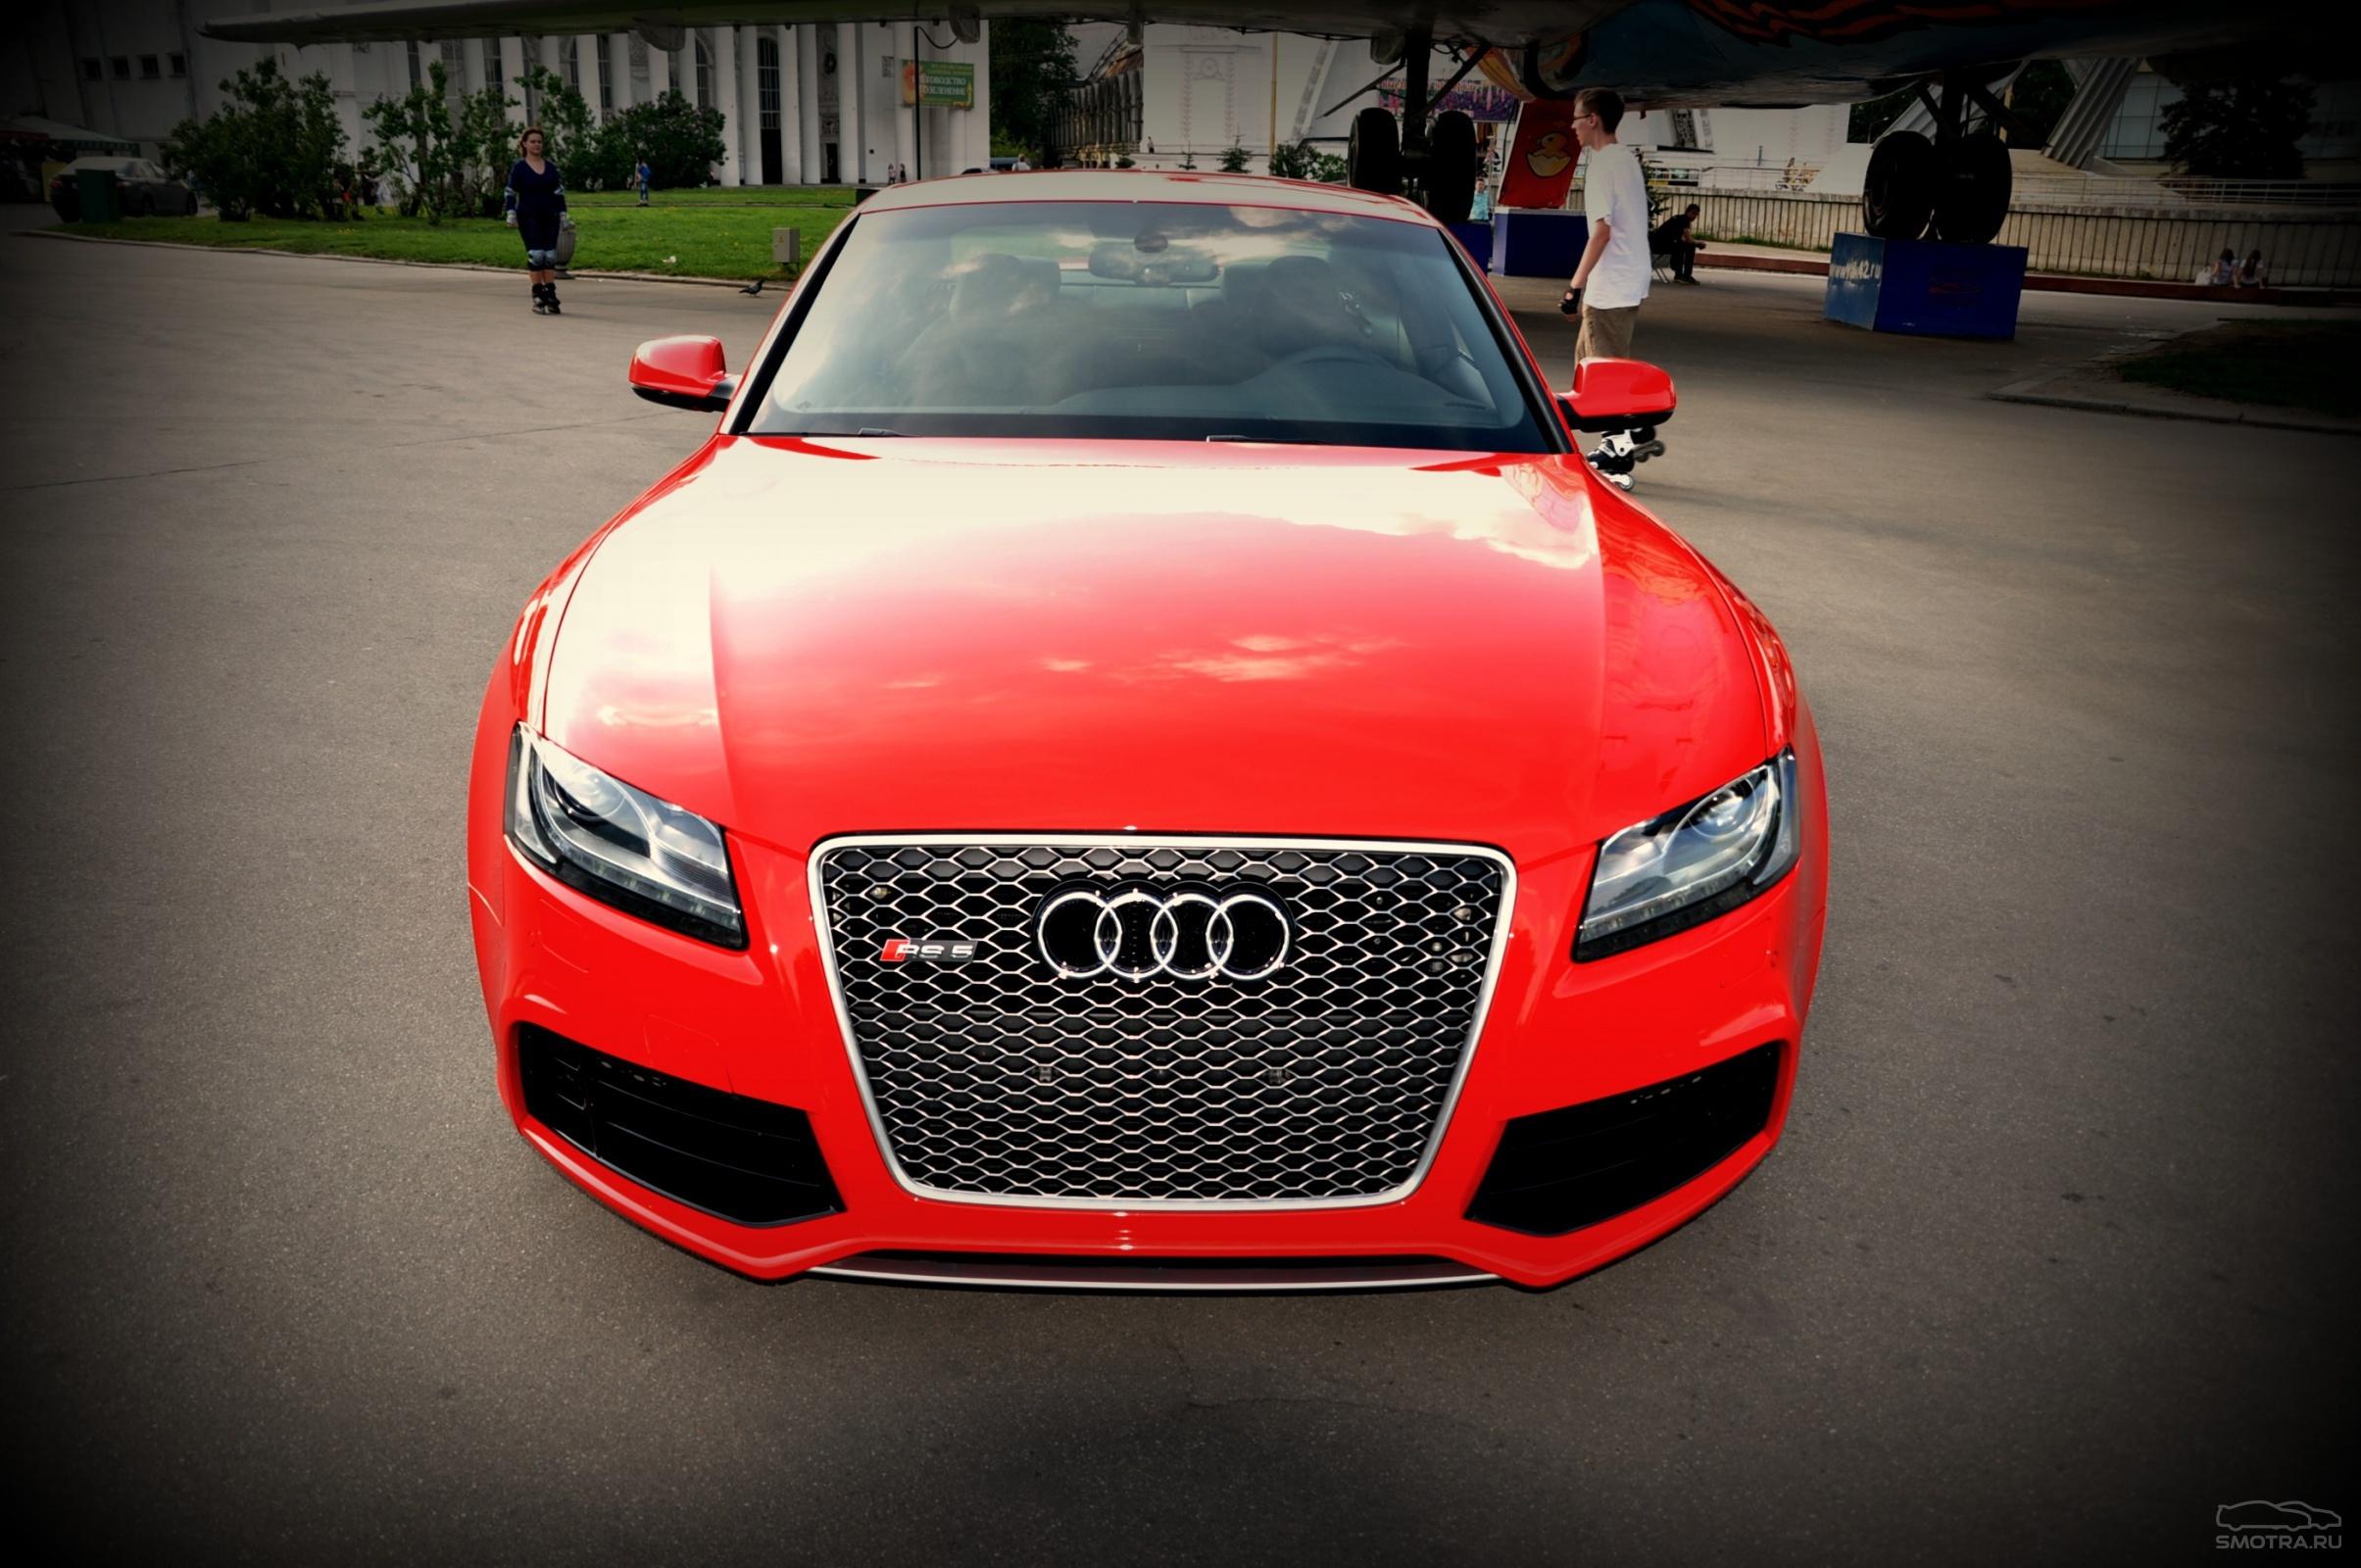 красный черный автомобиль Audi TT red black car  № 2626240 без смс